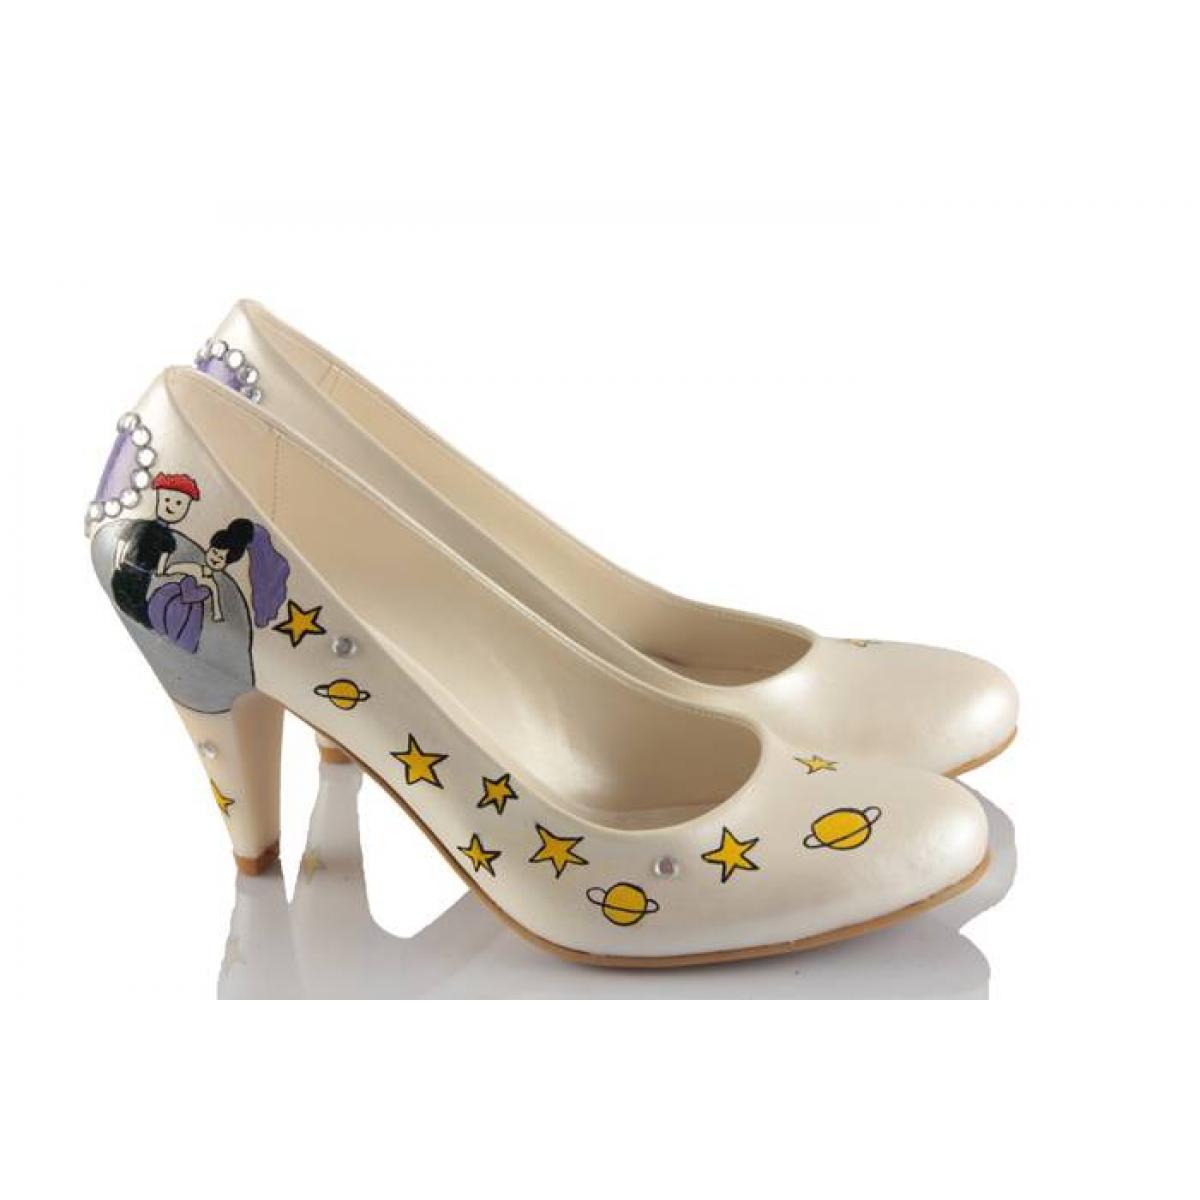 Küçük Prens El Boyama Tasarım Gelinlik Ayakkabı 37numaracom